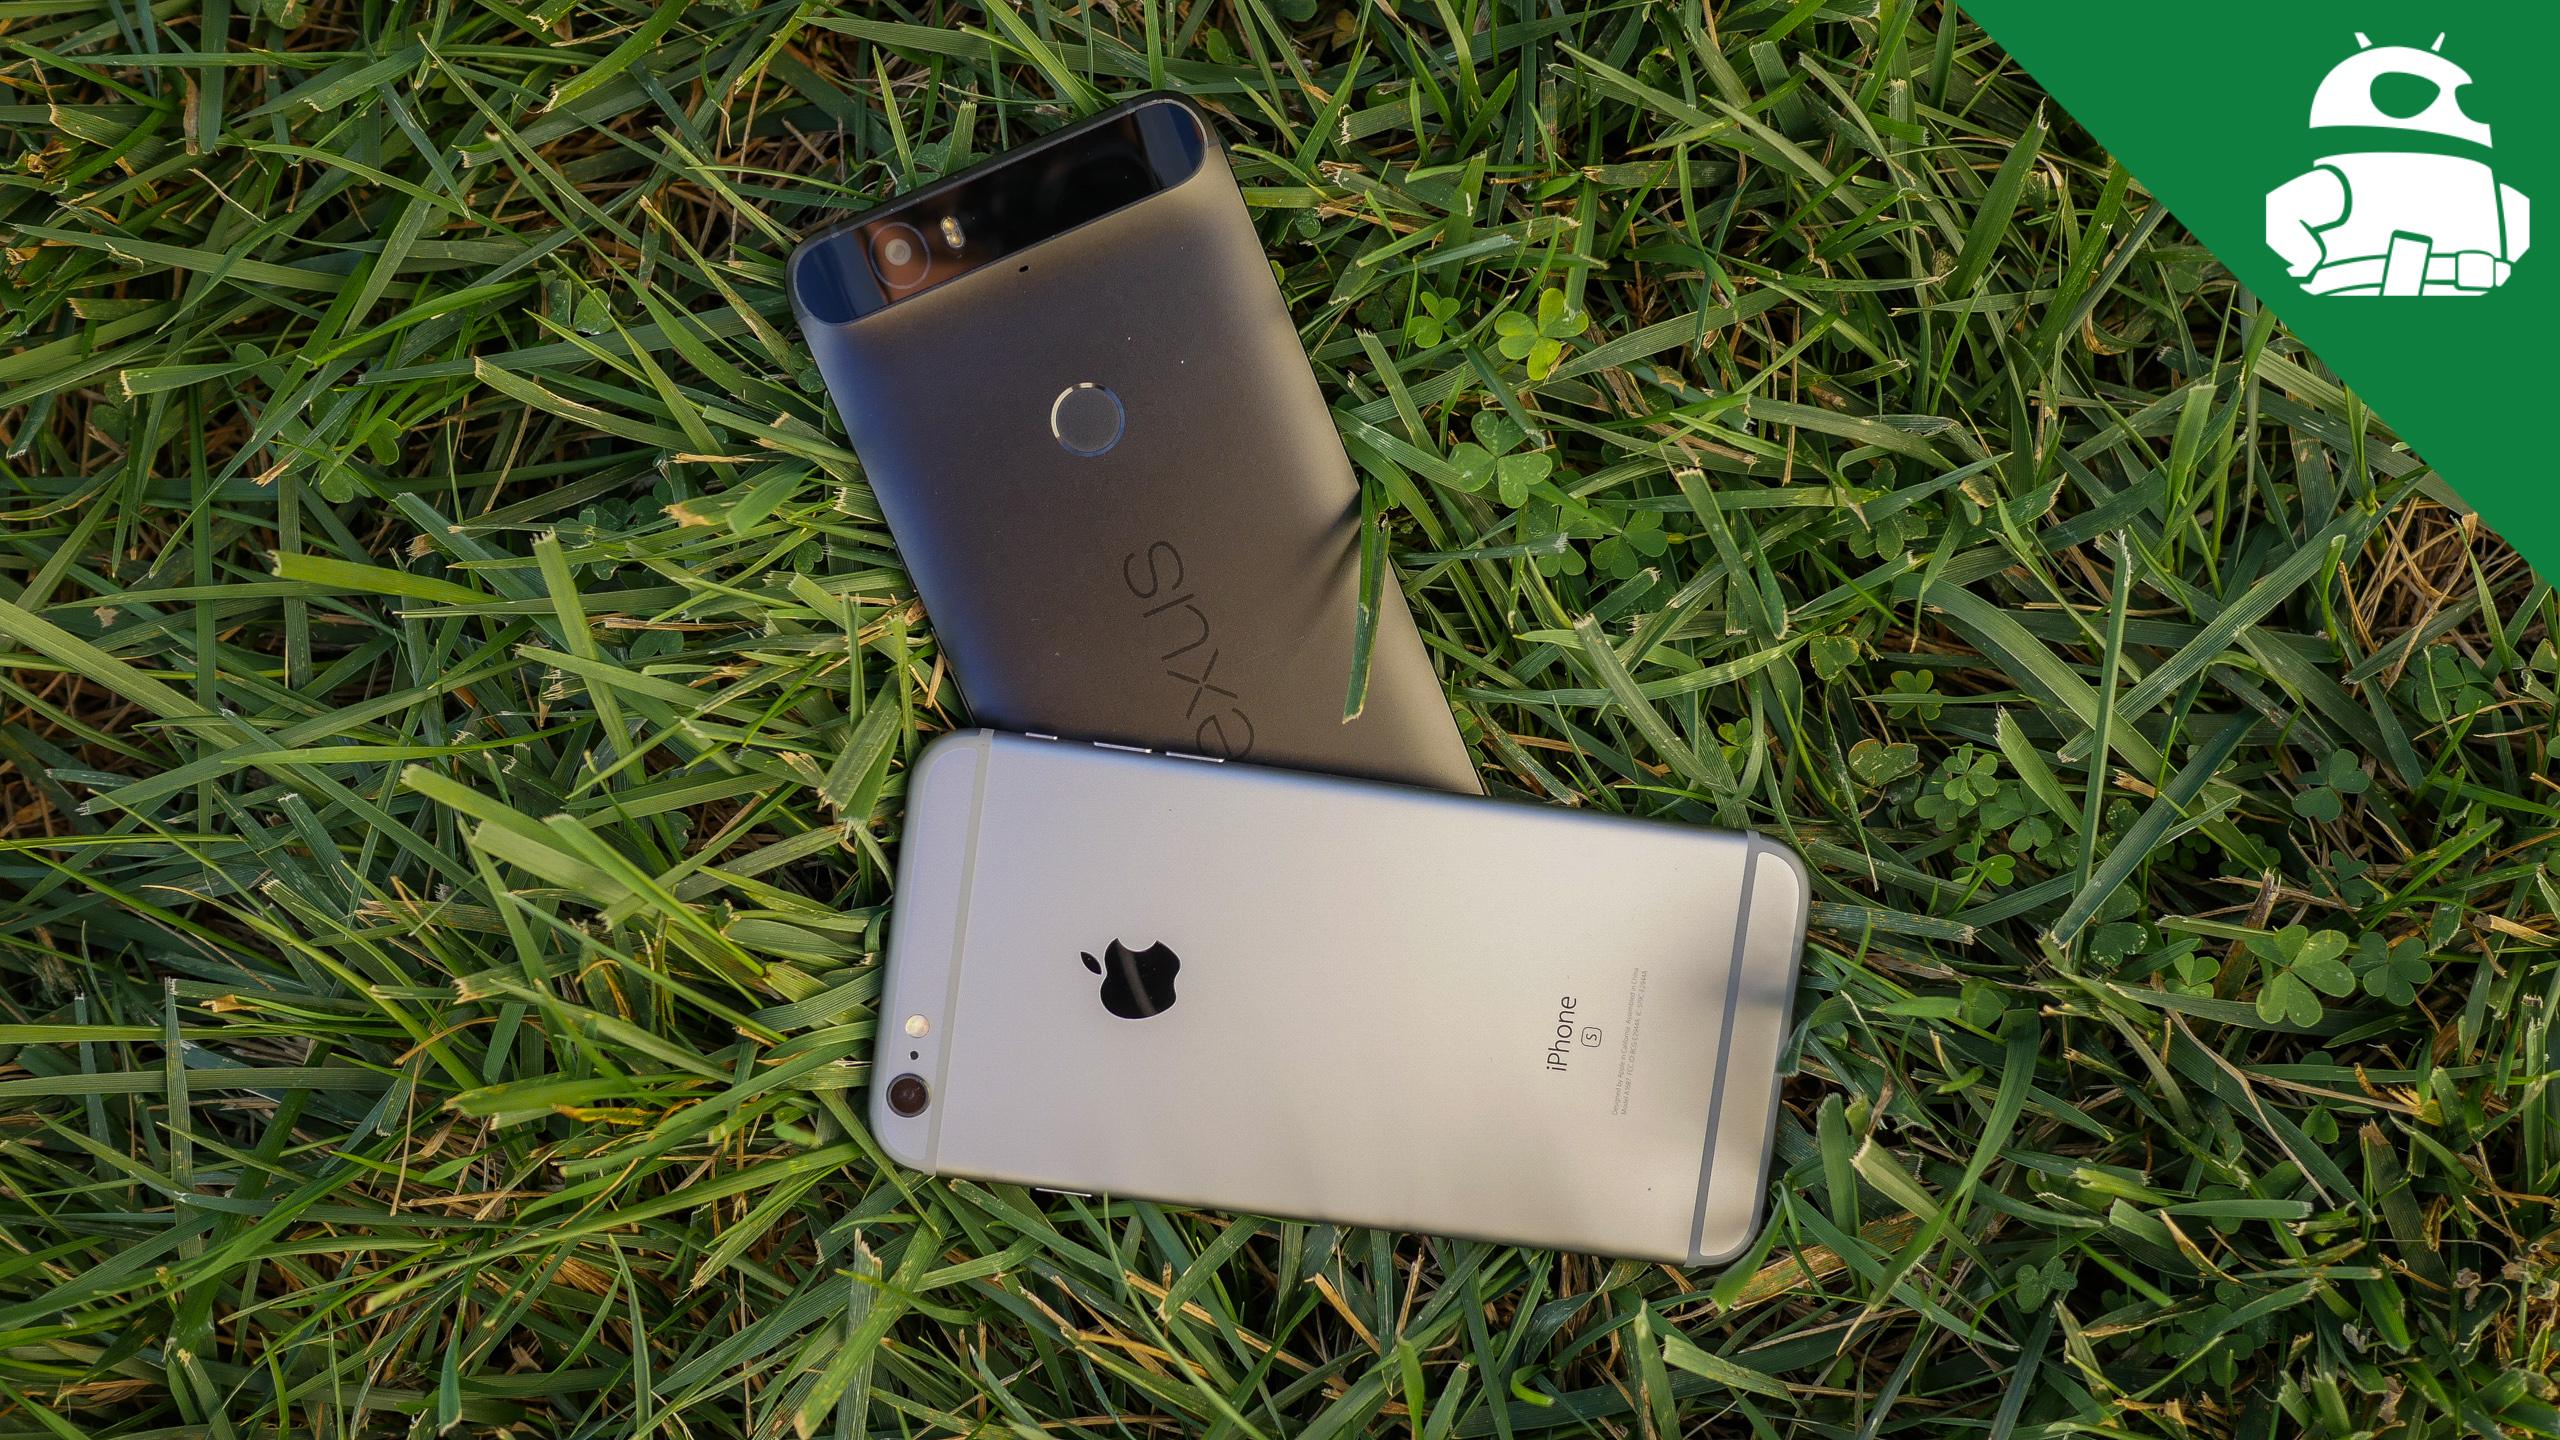 thumb nexus 6p vs iphone 6s plus aa (1 of 1)